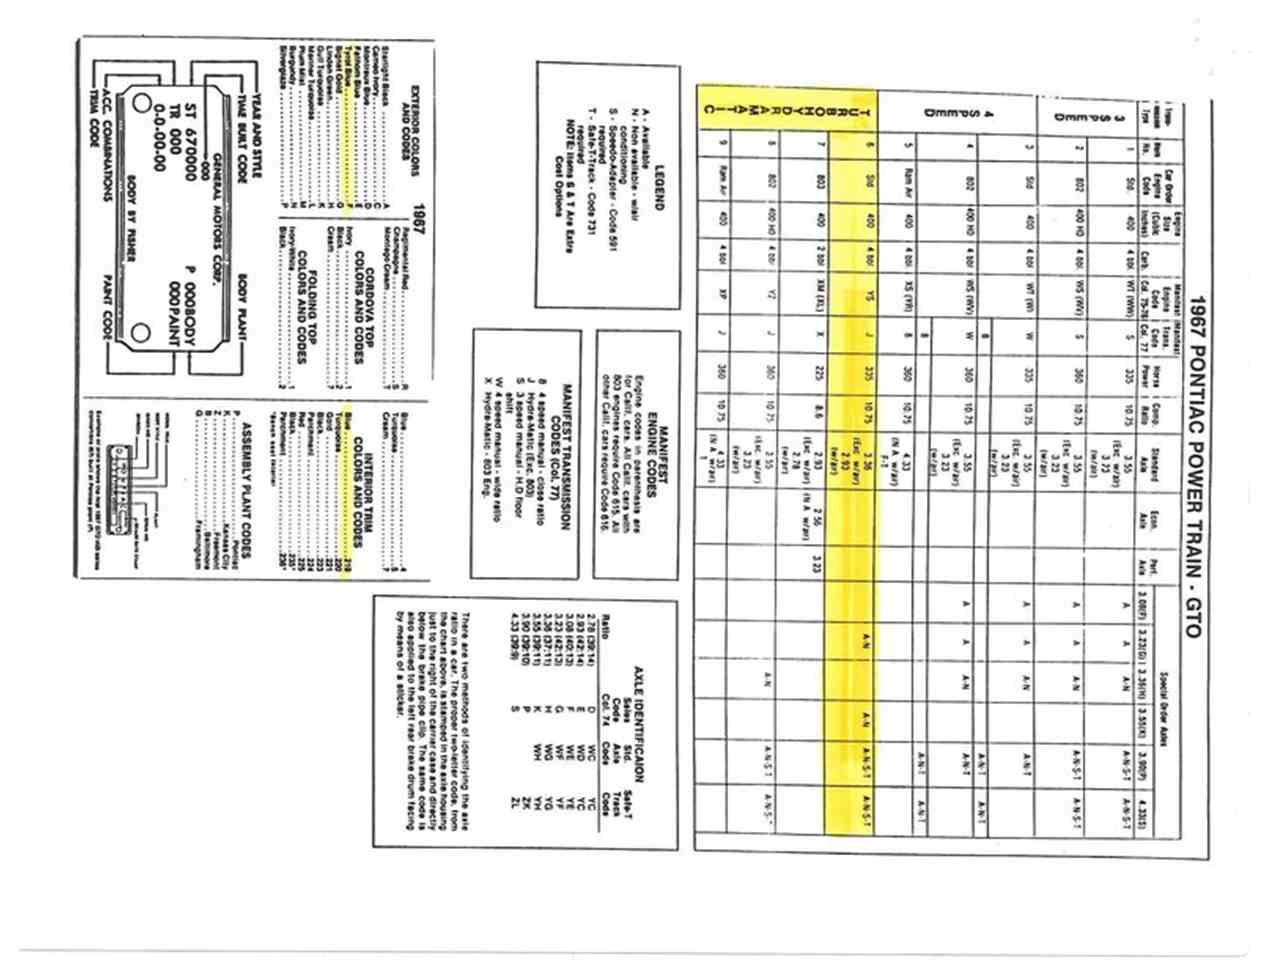 Ungewöhnlich 1967 Firebird Schaltplan Bilder - Elektrische ...